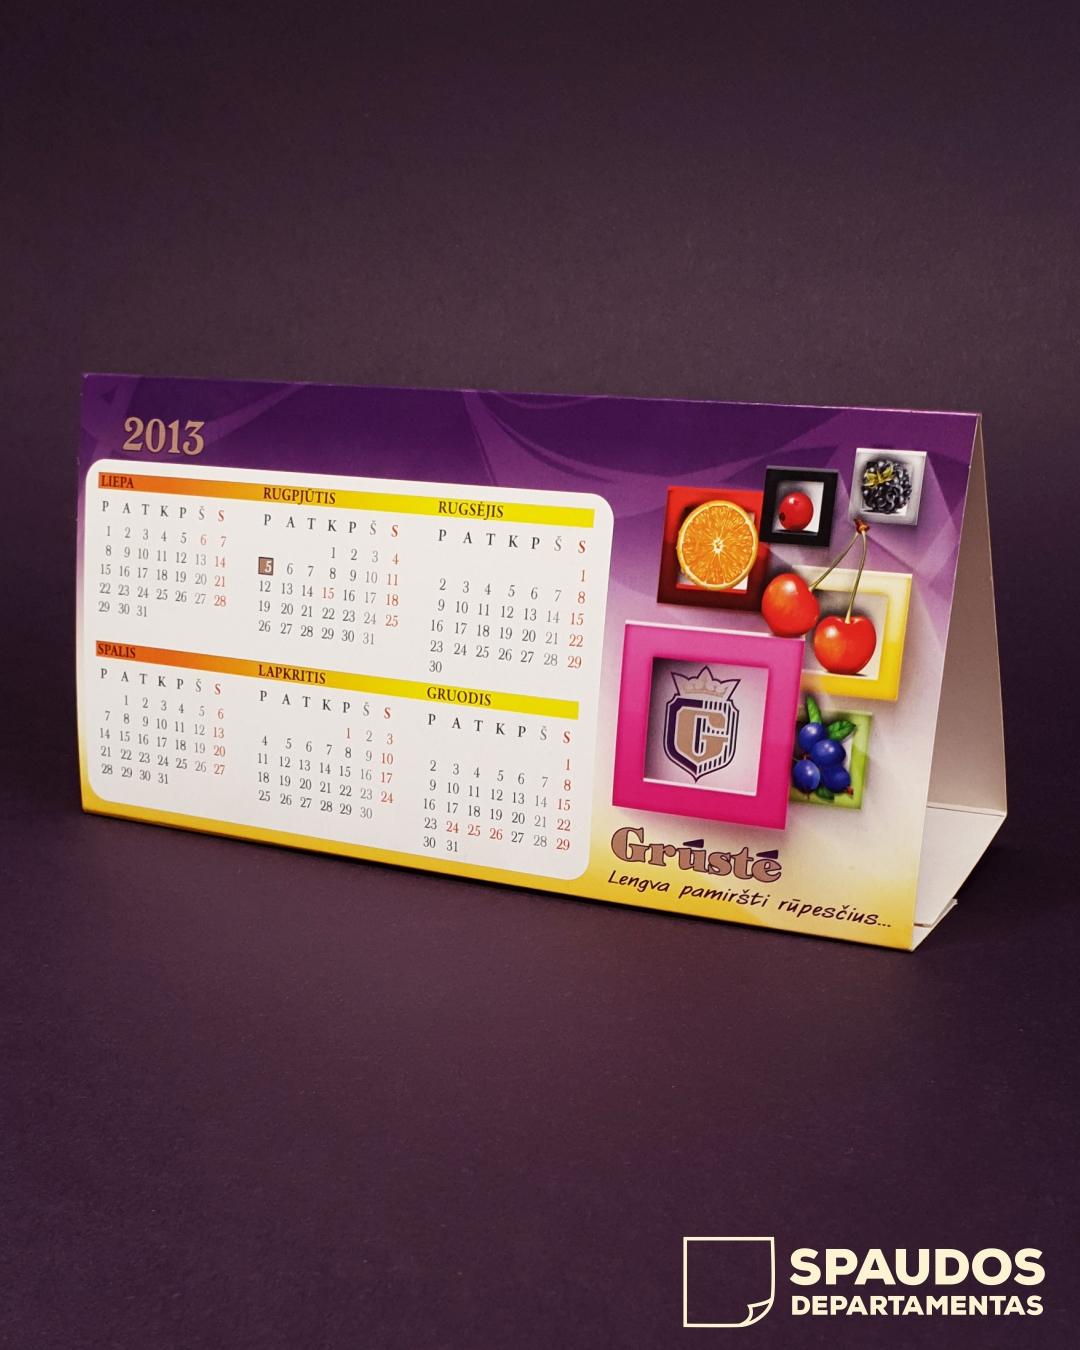 Stalo kalendoriai